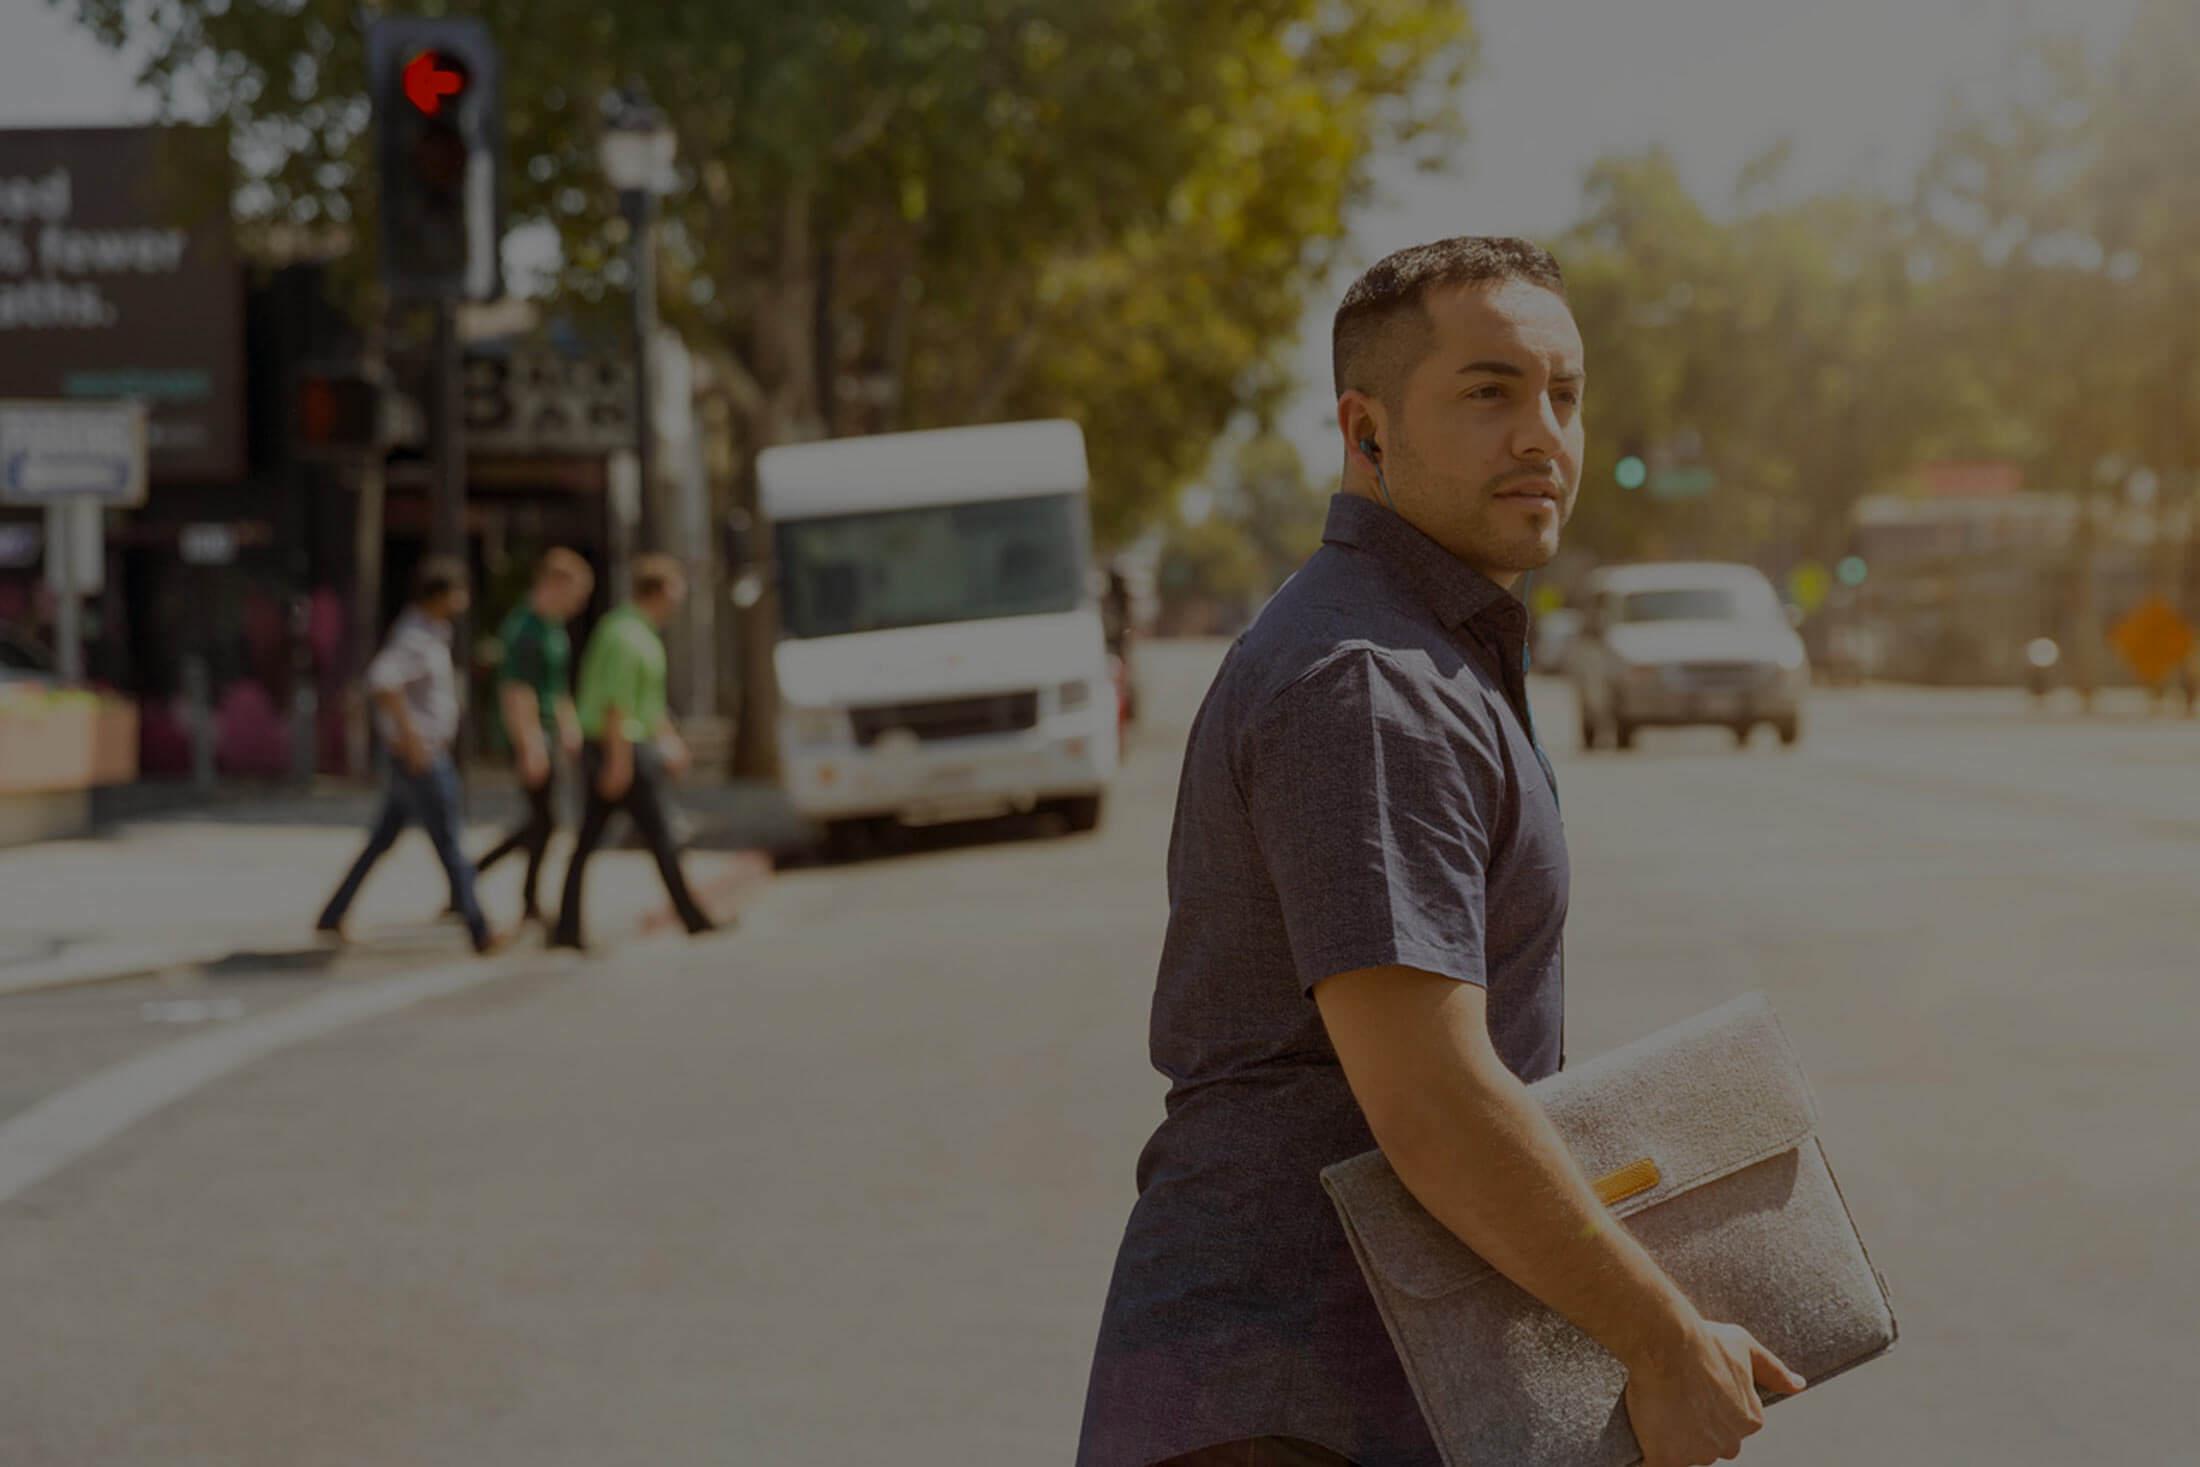 Pole emploi - offre emploi Chargé de clientèle (H/F) - Le Plessis-Robinson